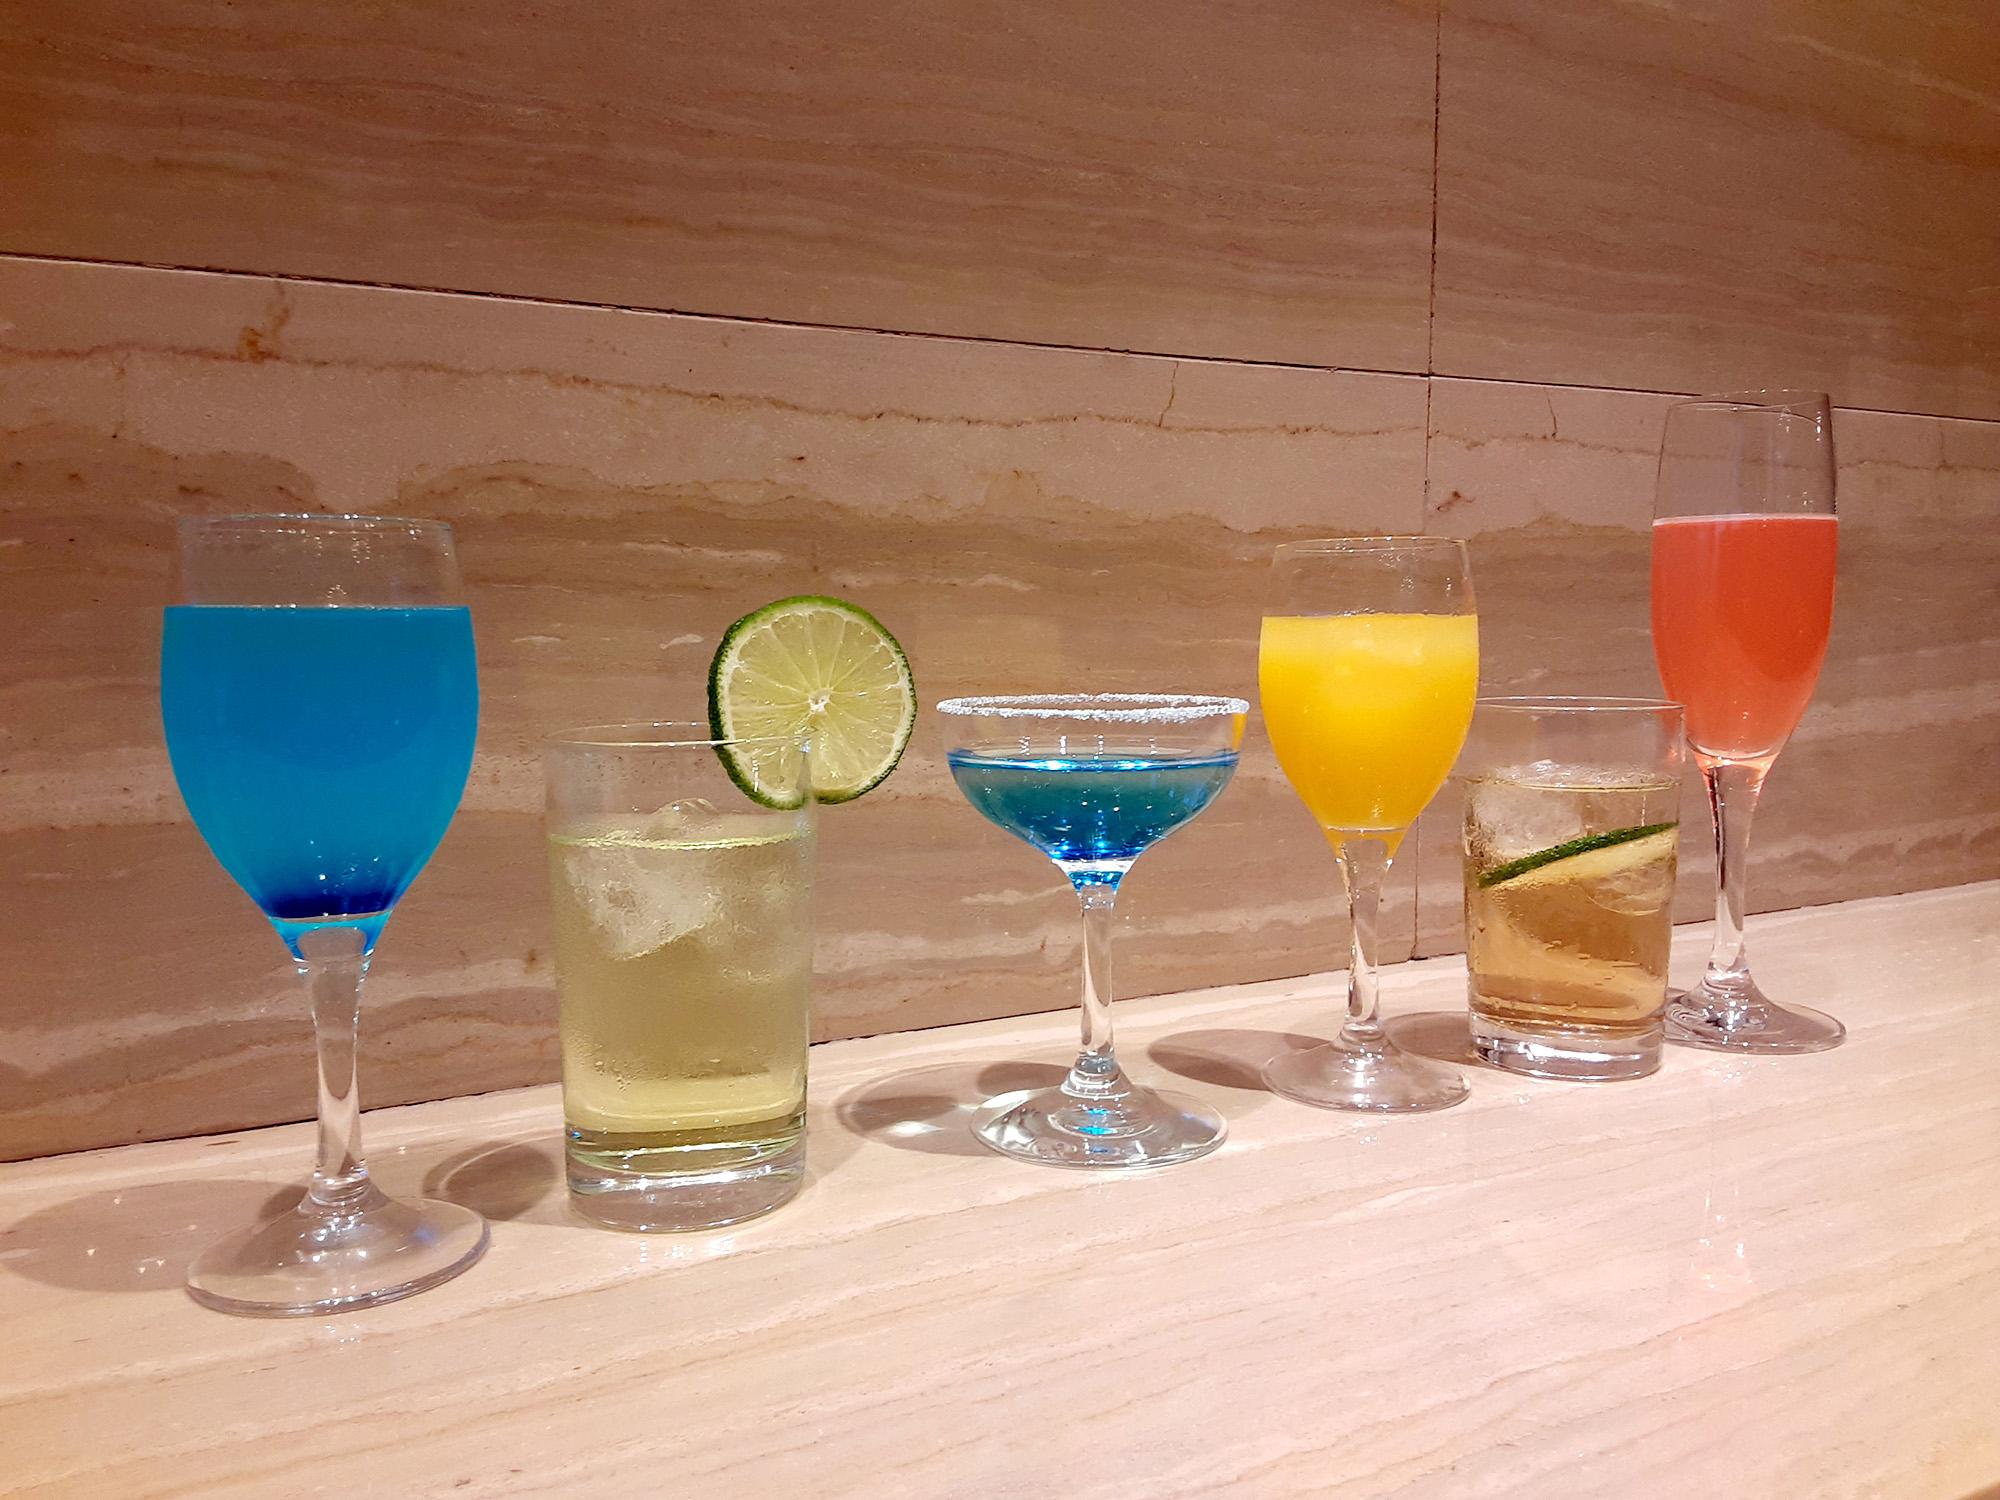 ノンアルコールカクテルでパーティーに彩りを♪新着情報イメージ2